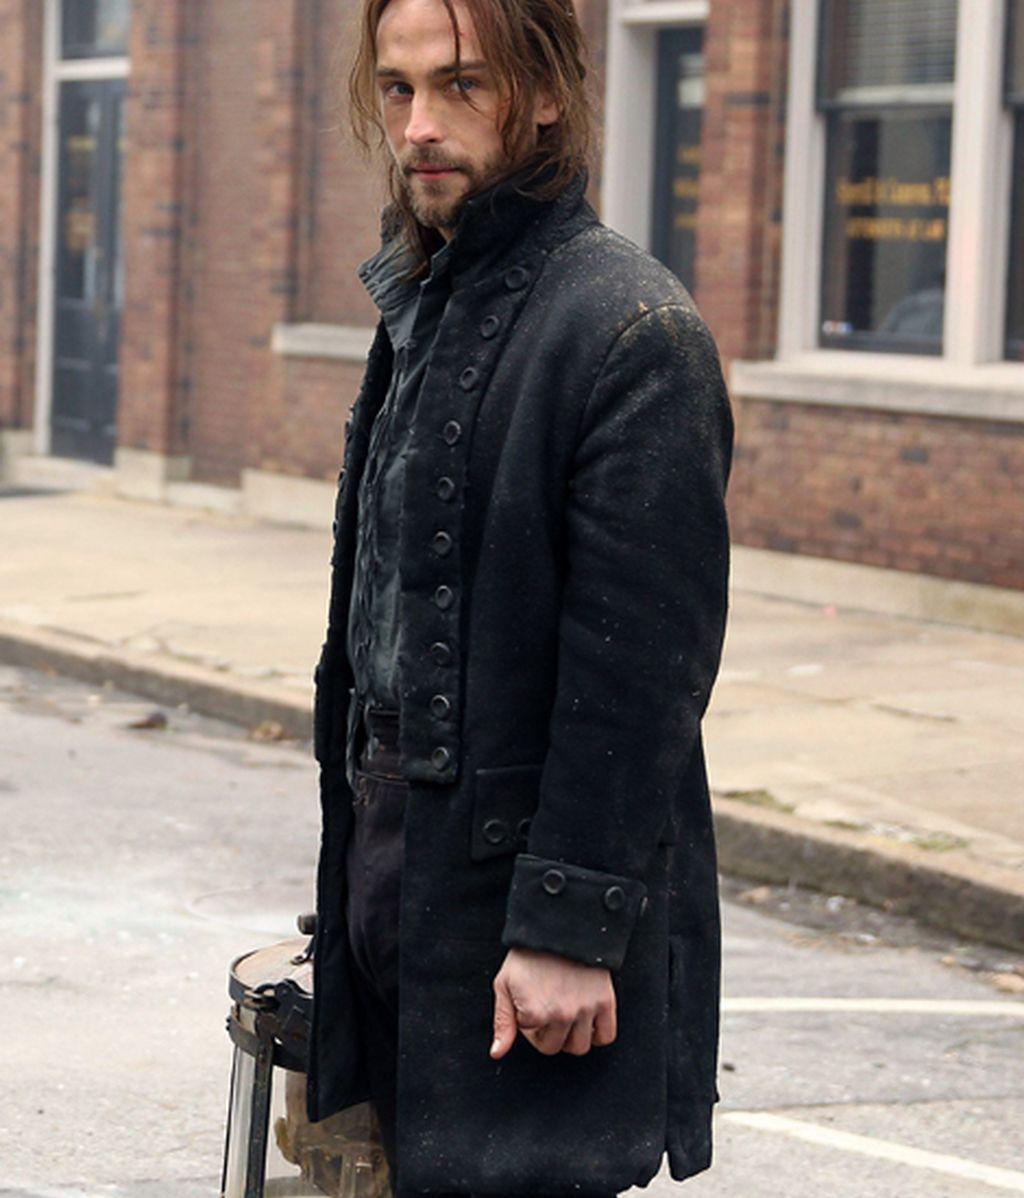 El 'thriller' protagonizado por Tom Mison se convierte en el fenómeno de la temporada en EEUU